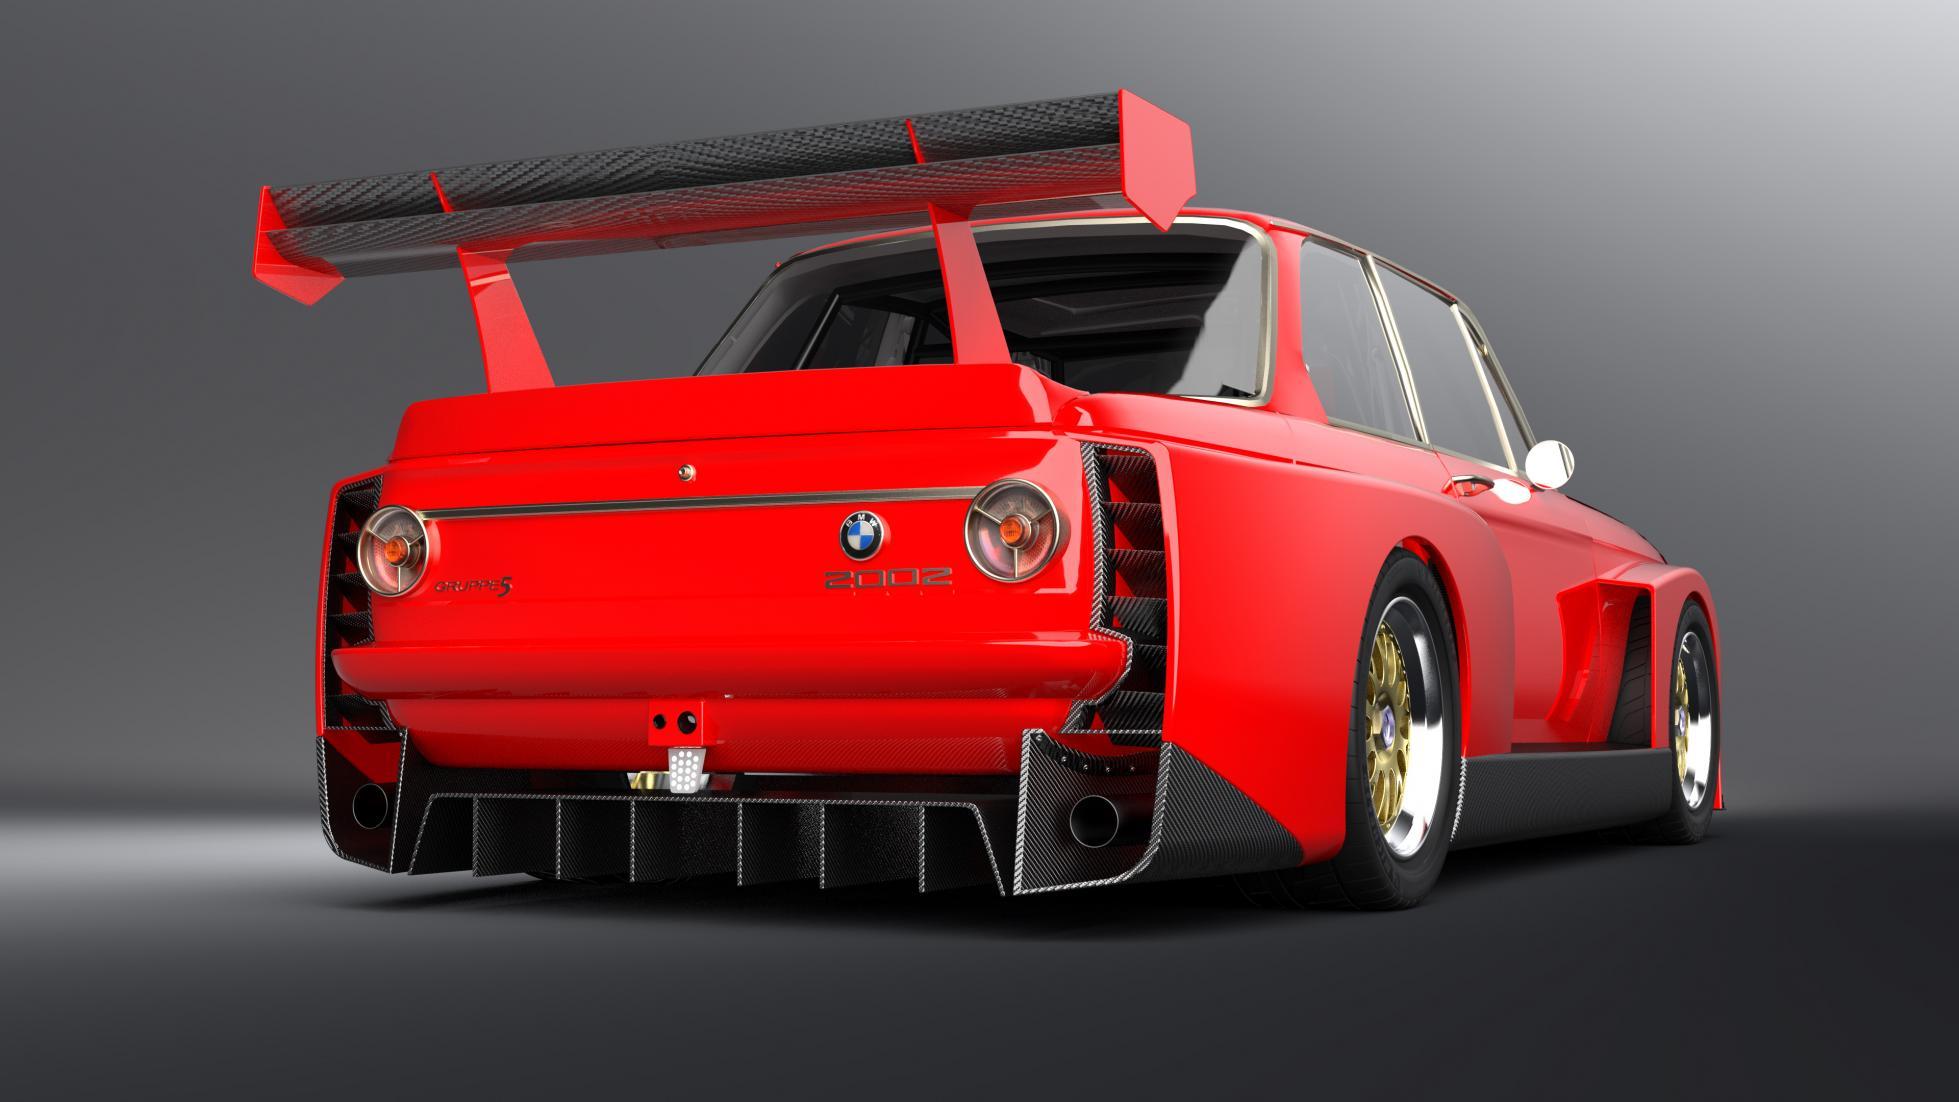 Старую 50-летнюю БМВ превратили в корч с характеристиками суперкара